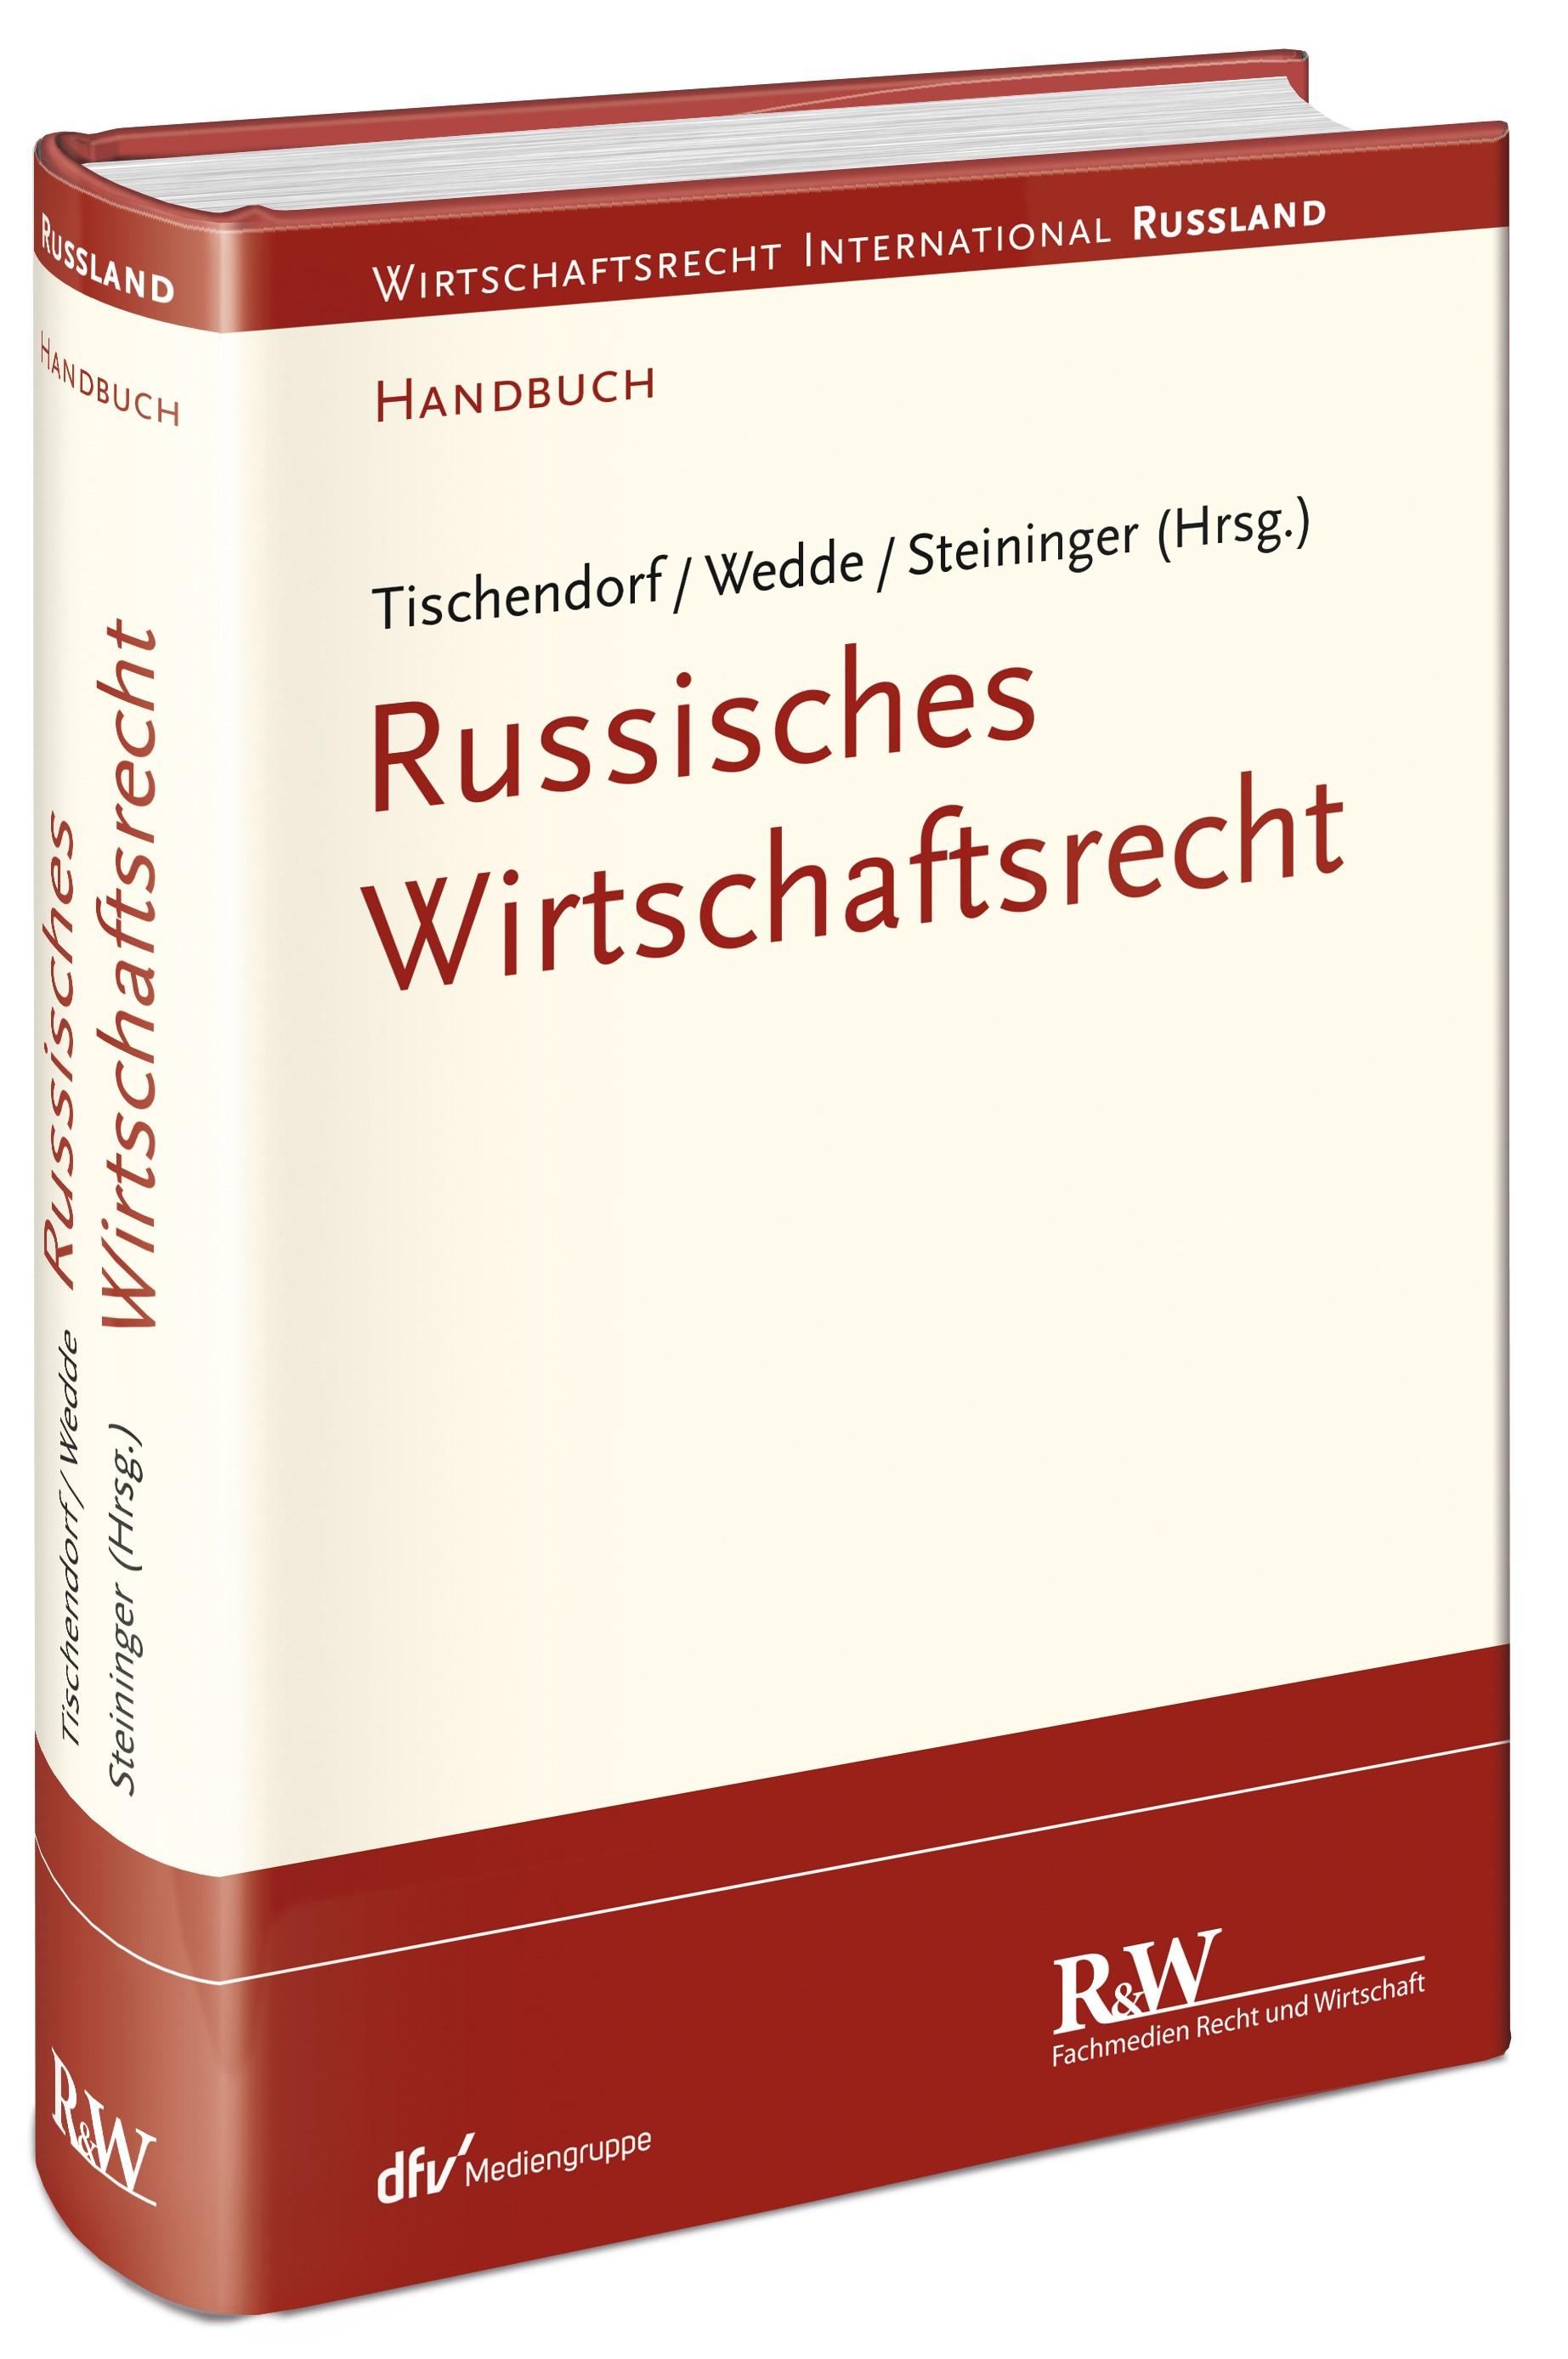 Abbildung von Tischendorf / Wedde / Steininger (Hrsg.) | Russisches Wirtschaftsrecht | 2019